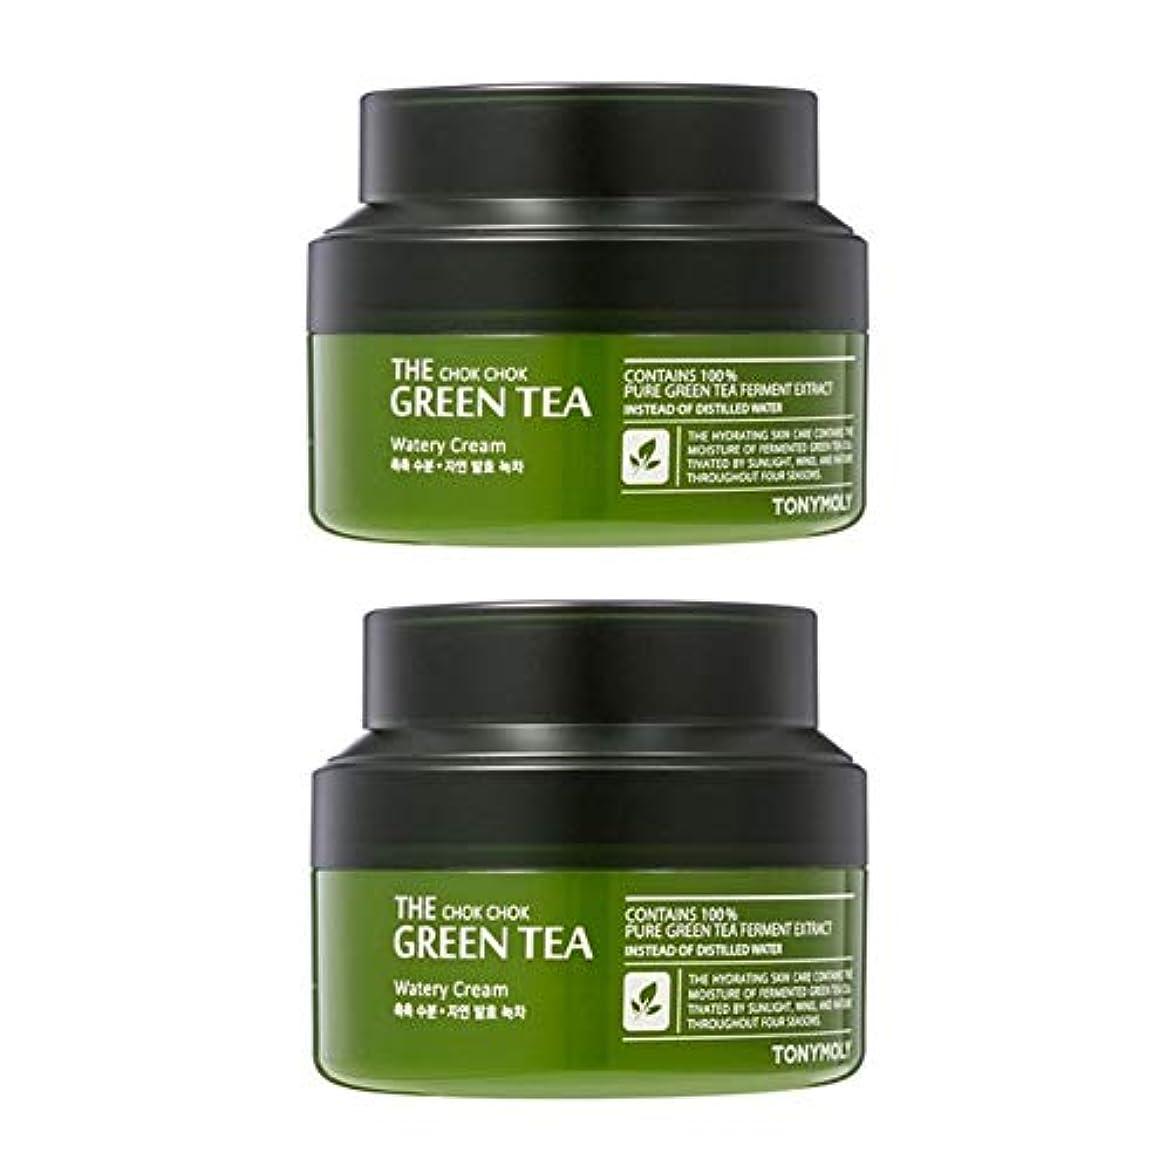 クール部有名なトニーモリーグリーンティーの水分クリーム60ml x 2本セット、Tonymoly The Chok Chok Green Tea Watery Cream 60ml x 2ea Set [並行輸入品]